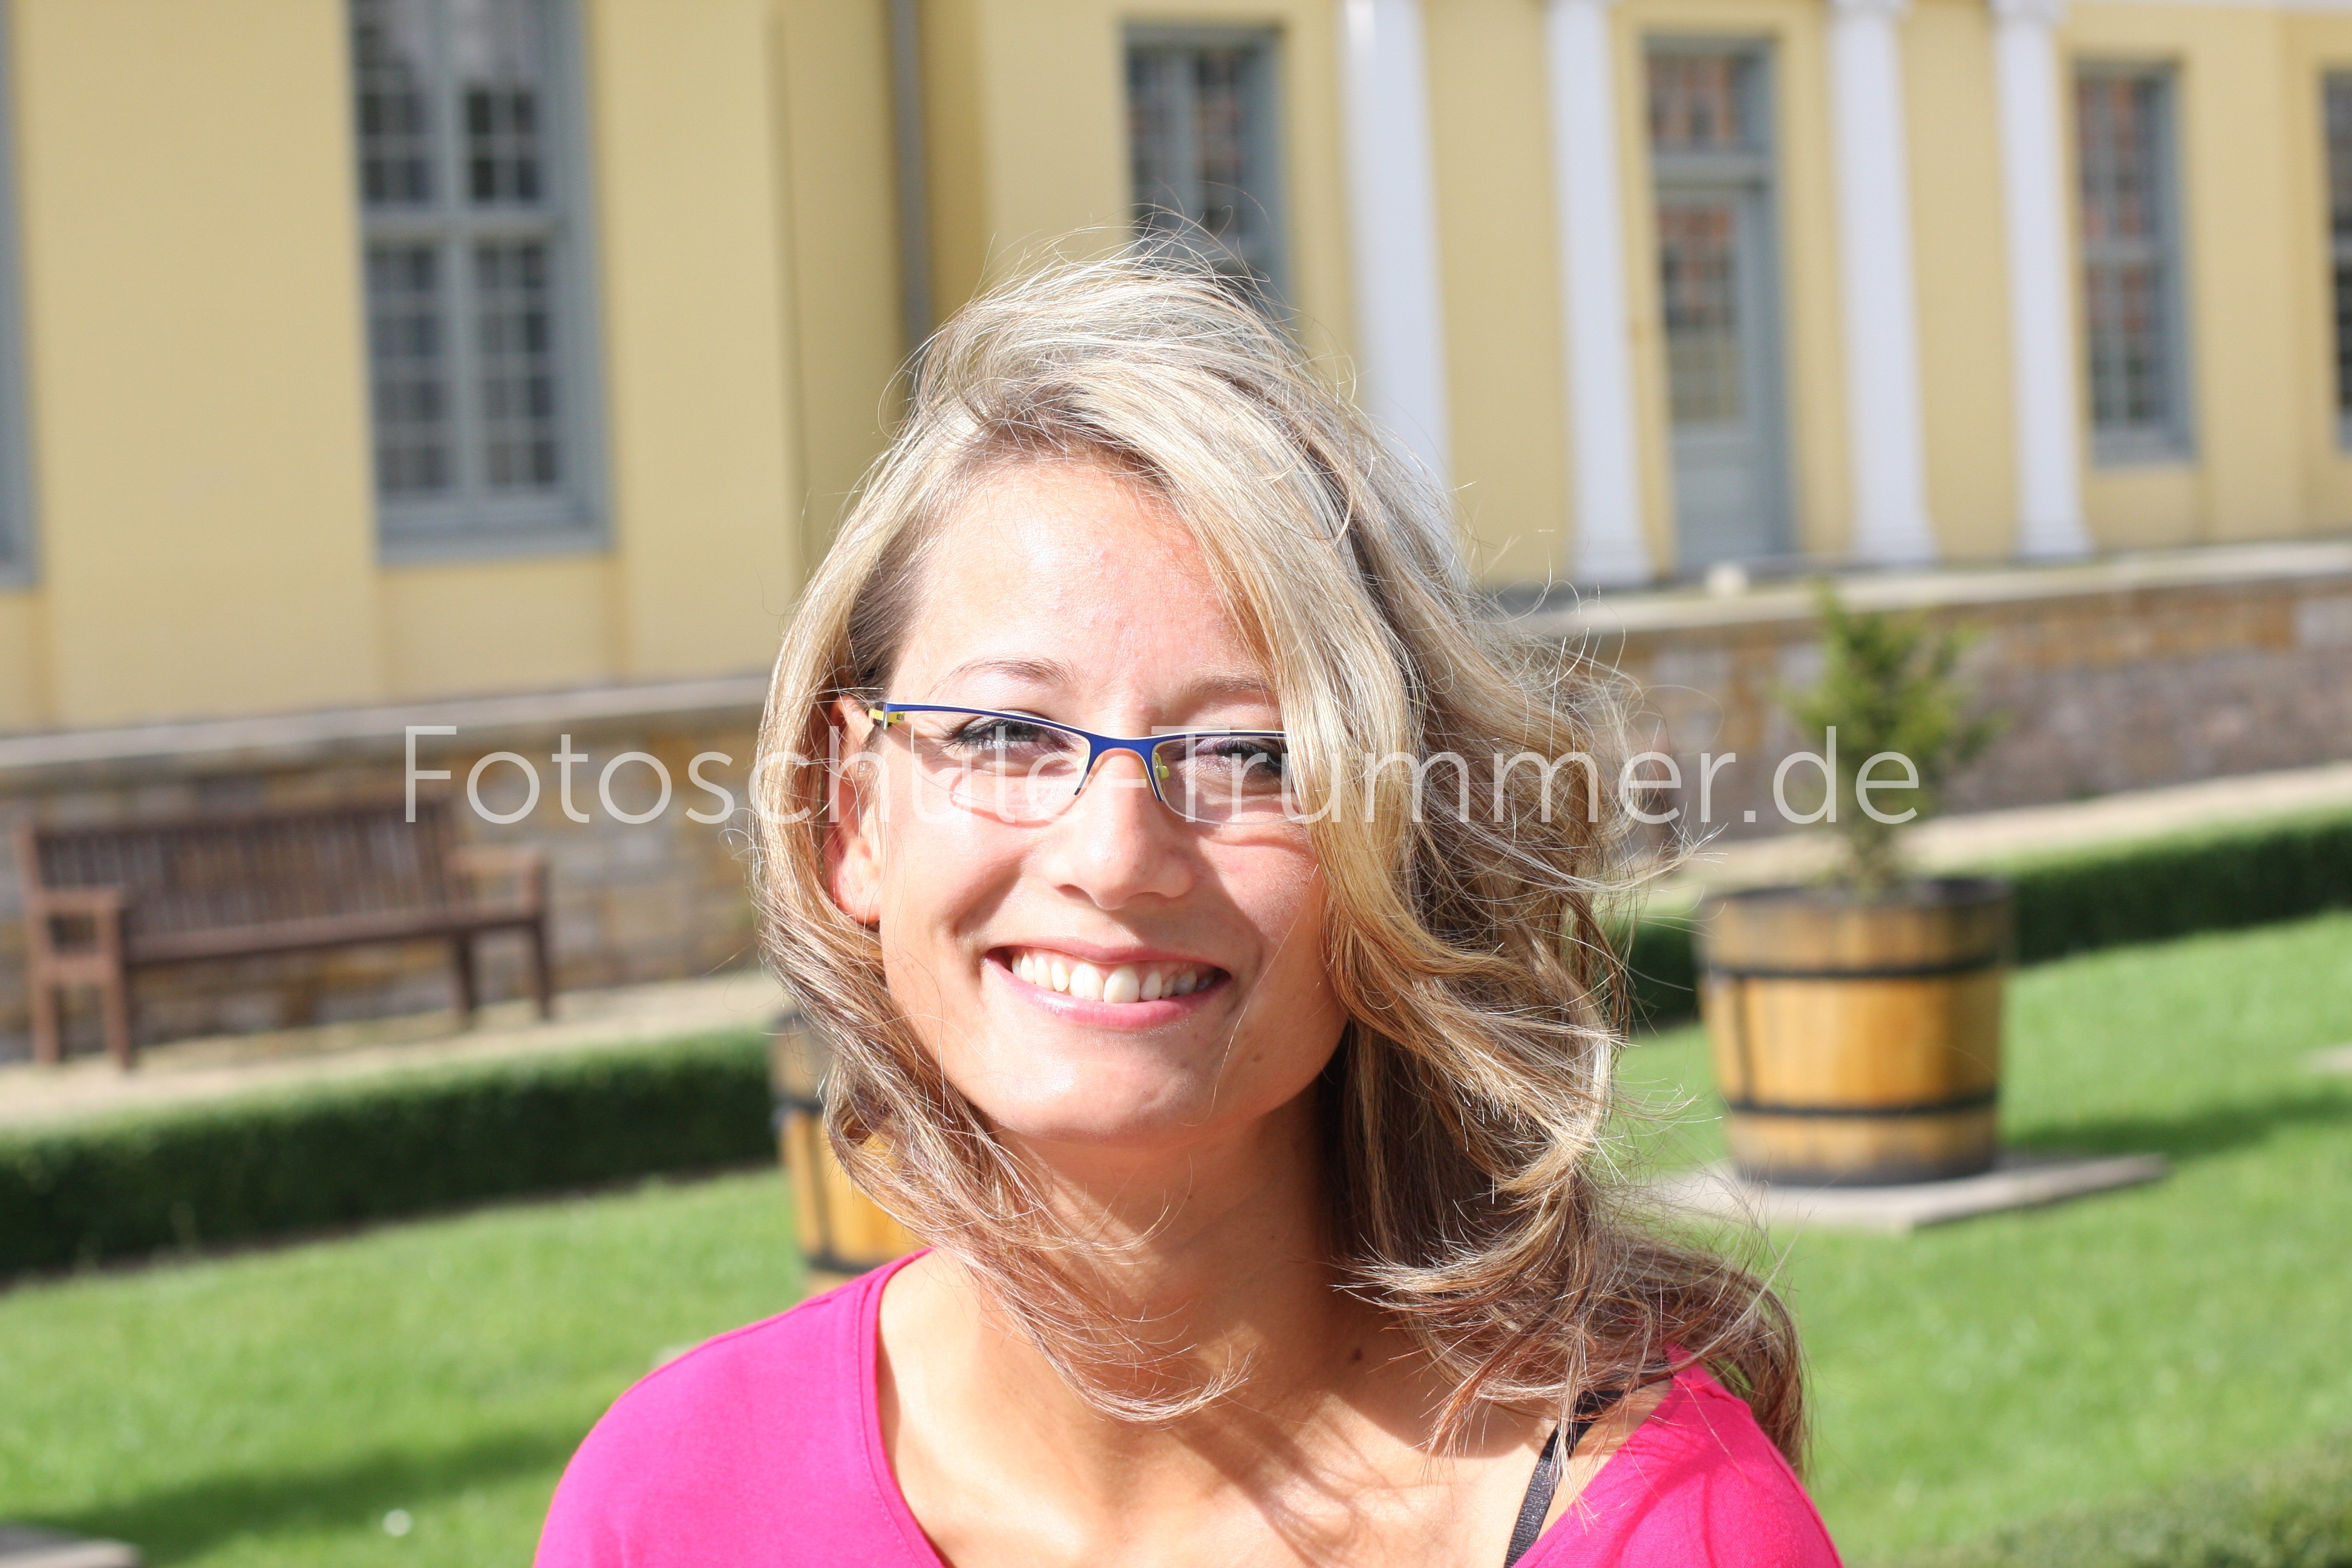 910 Annett Böttcher (29)